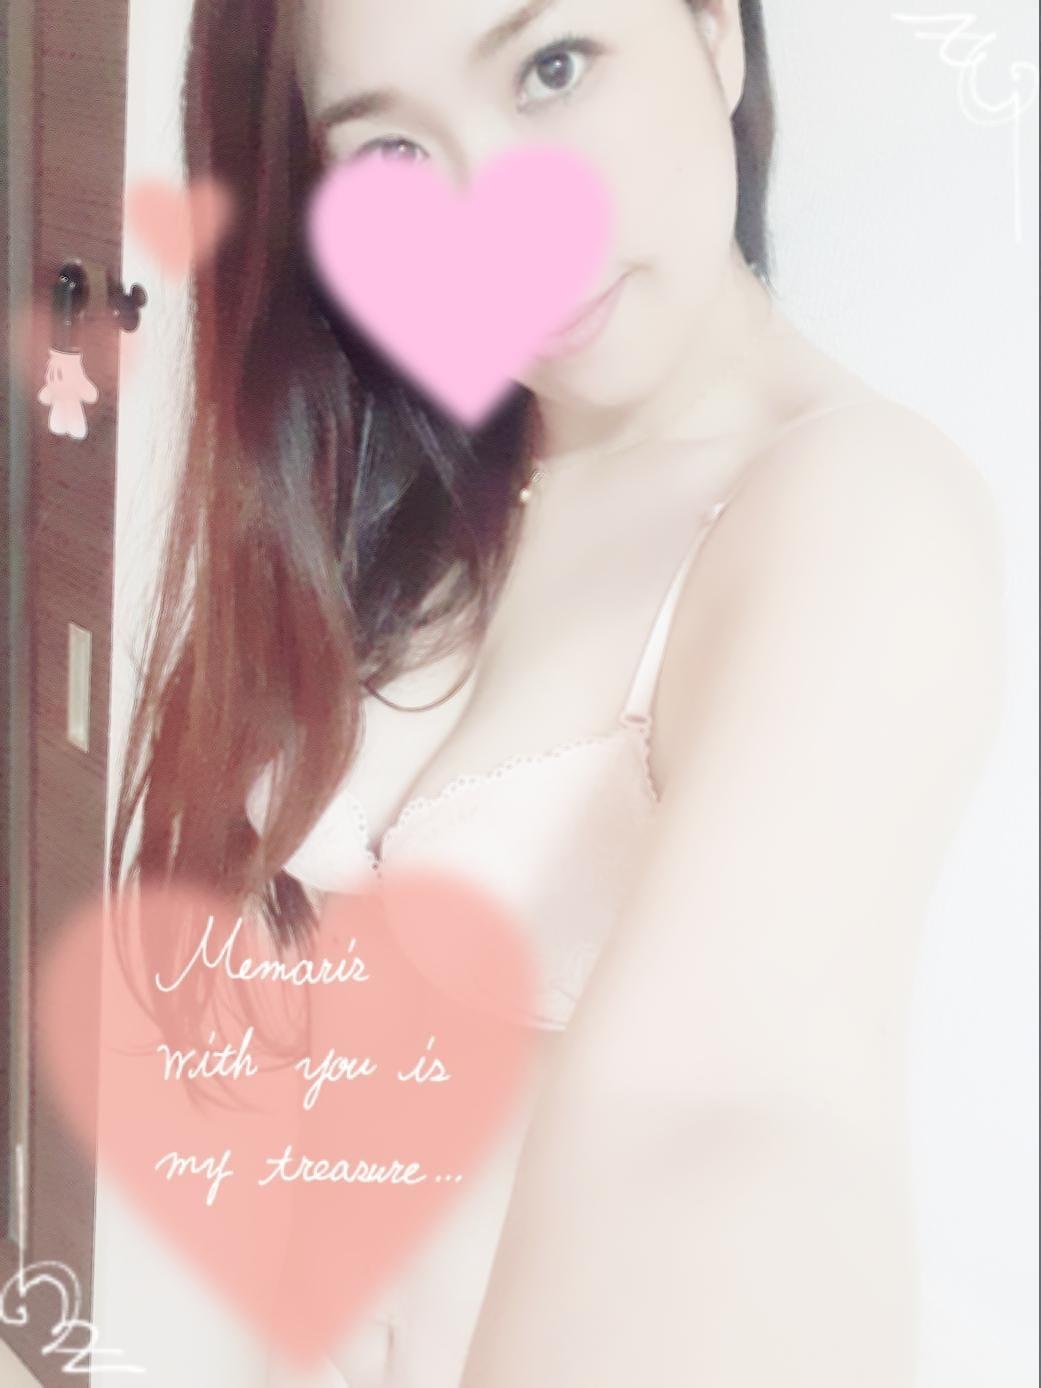 「おやすみなさい✨」12/15(日) 01:04   千夏(ちなつ)の写メ・風俗動画